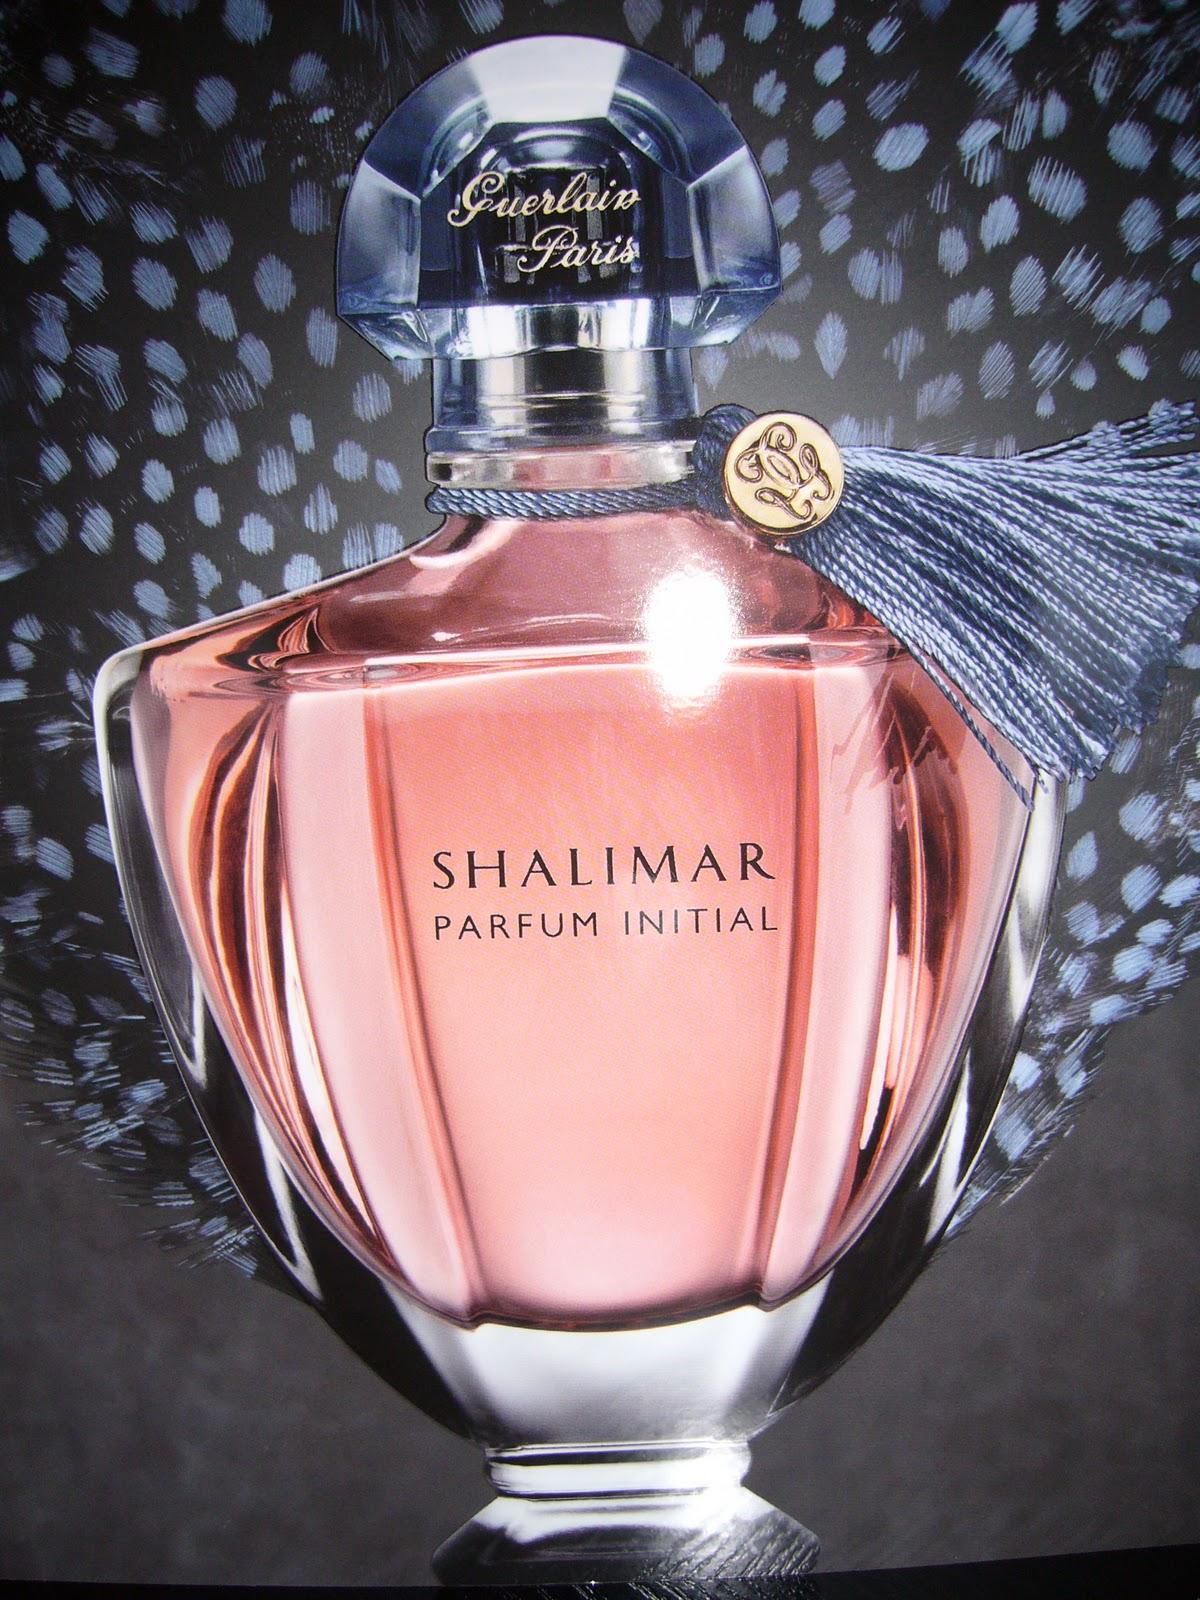 8133e4b6e983 Et oui vous ne rêvez pas Guerlain aussi vous offre la possibilité de  personnalisé votre parfum...prénom,date etc à vous de lui laisser la plus  audacieuse ...